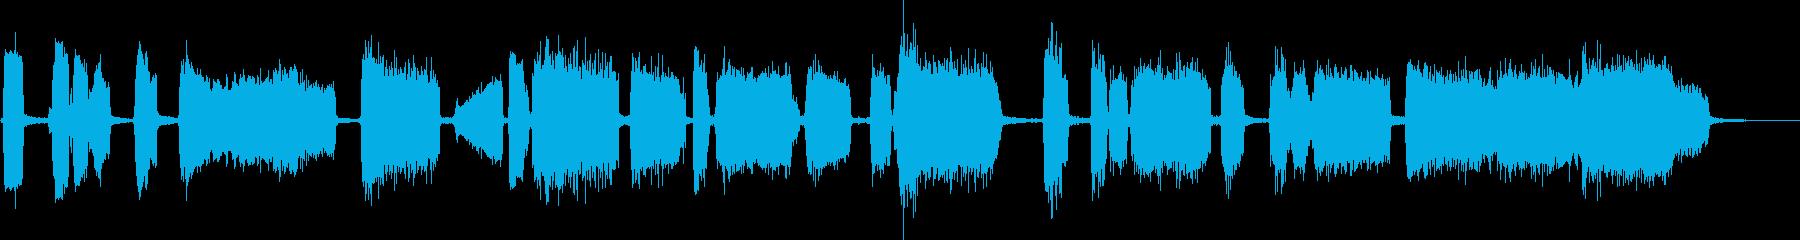 マーチングテーマ1:カズーのみの再生済みの波形